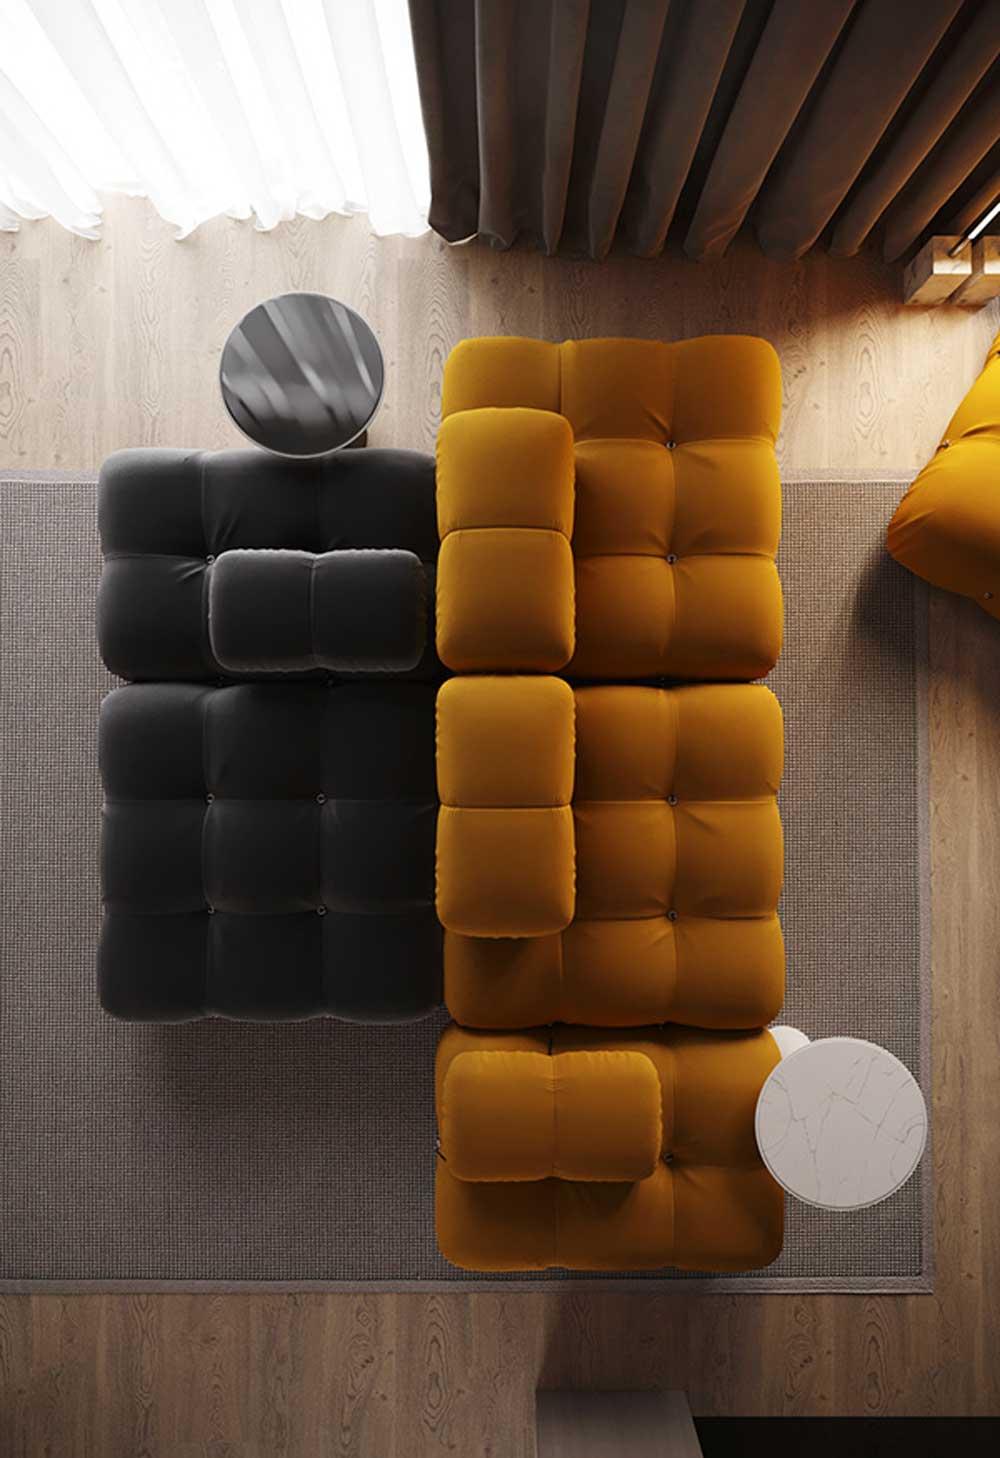 Des modules de canapés modulables jaune et gris dans un salon chaleureux